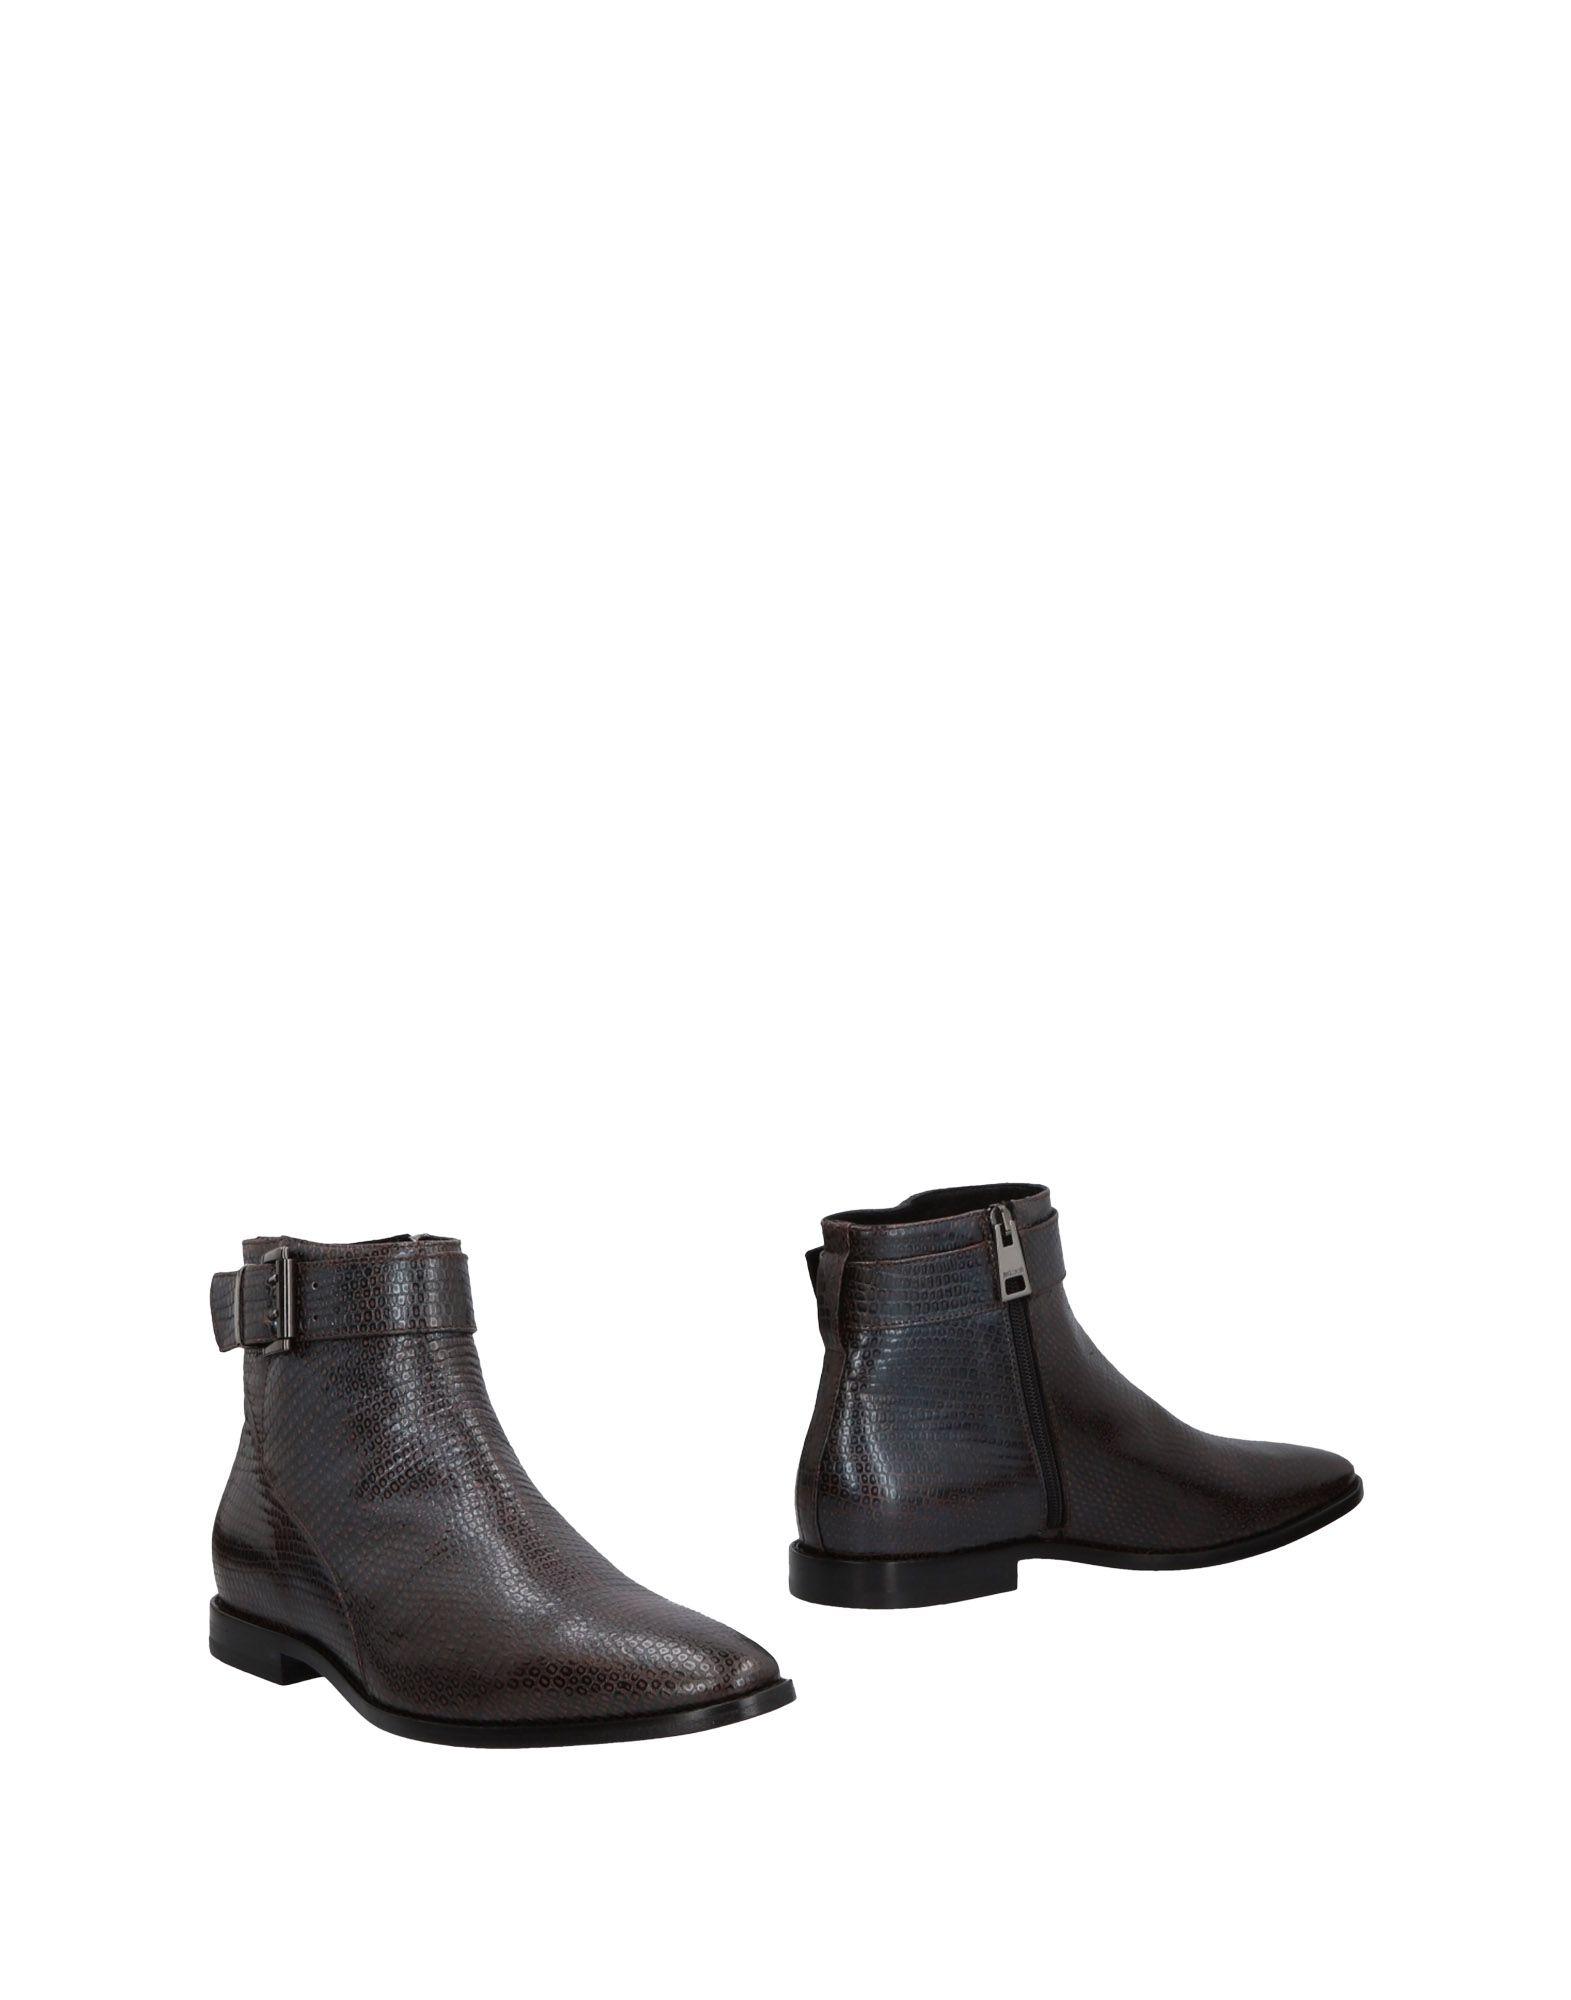 Just Cavalli Stiefelette Herren beliebte  11469974EW Gute Qualität beliebte Herren Schuhe ccc2b8